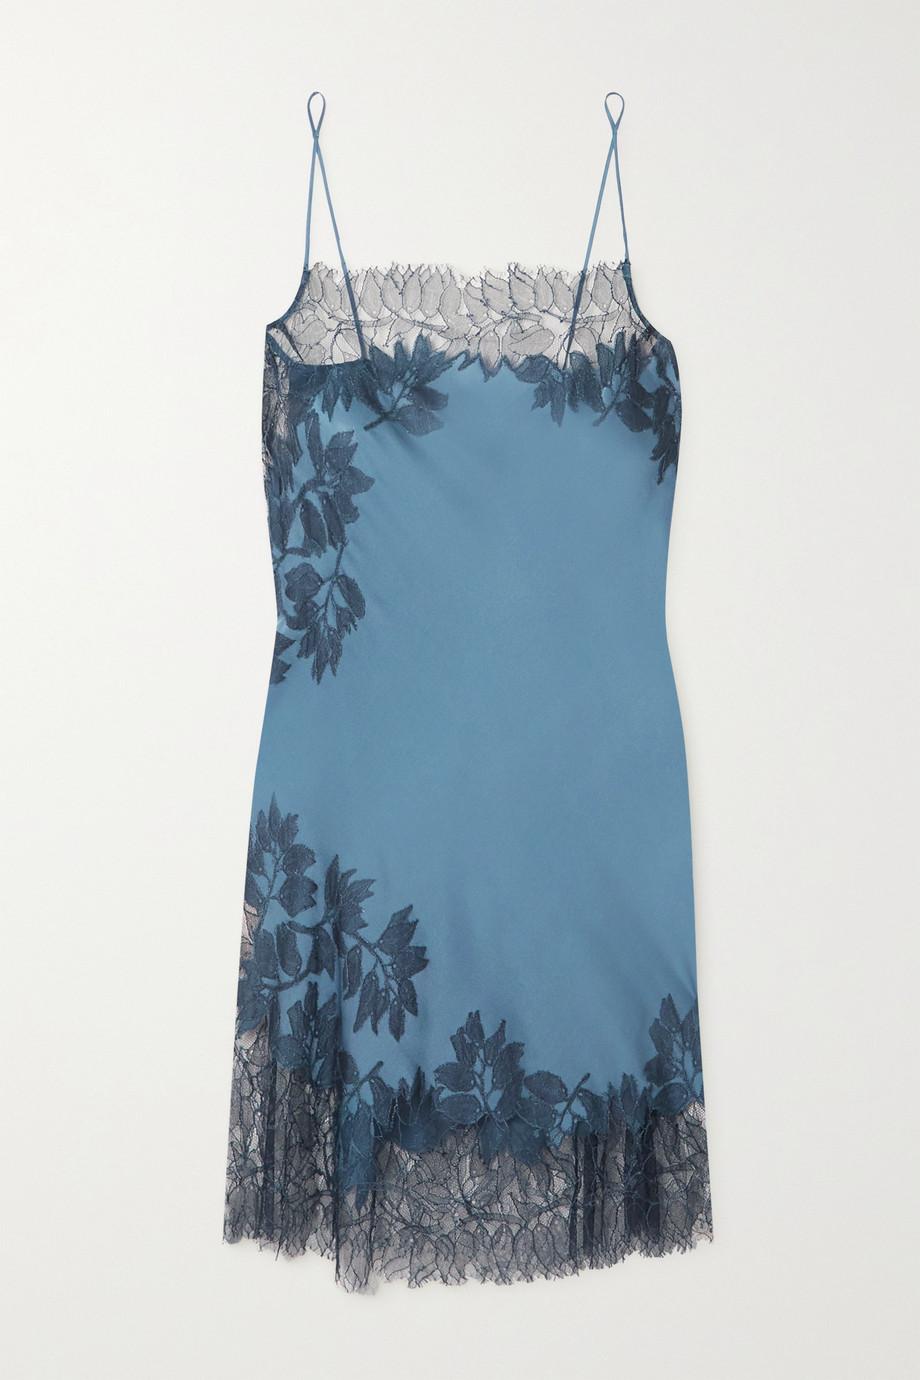 Carine Gilson Chantilly Nachthemd aus Seiden-Charmeuse mit Spitzenbesätzen